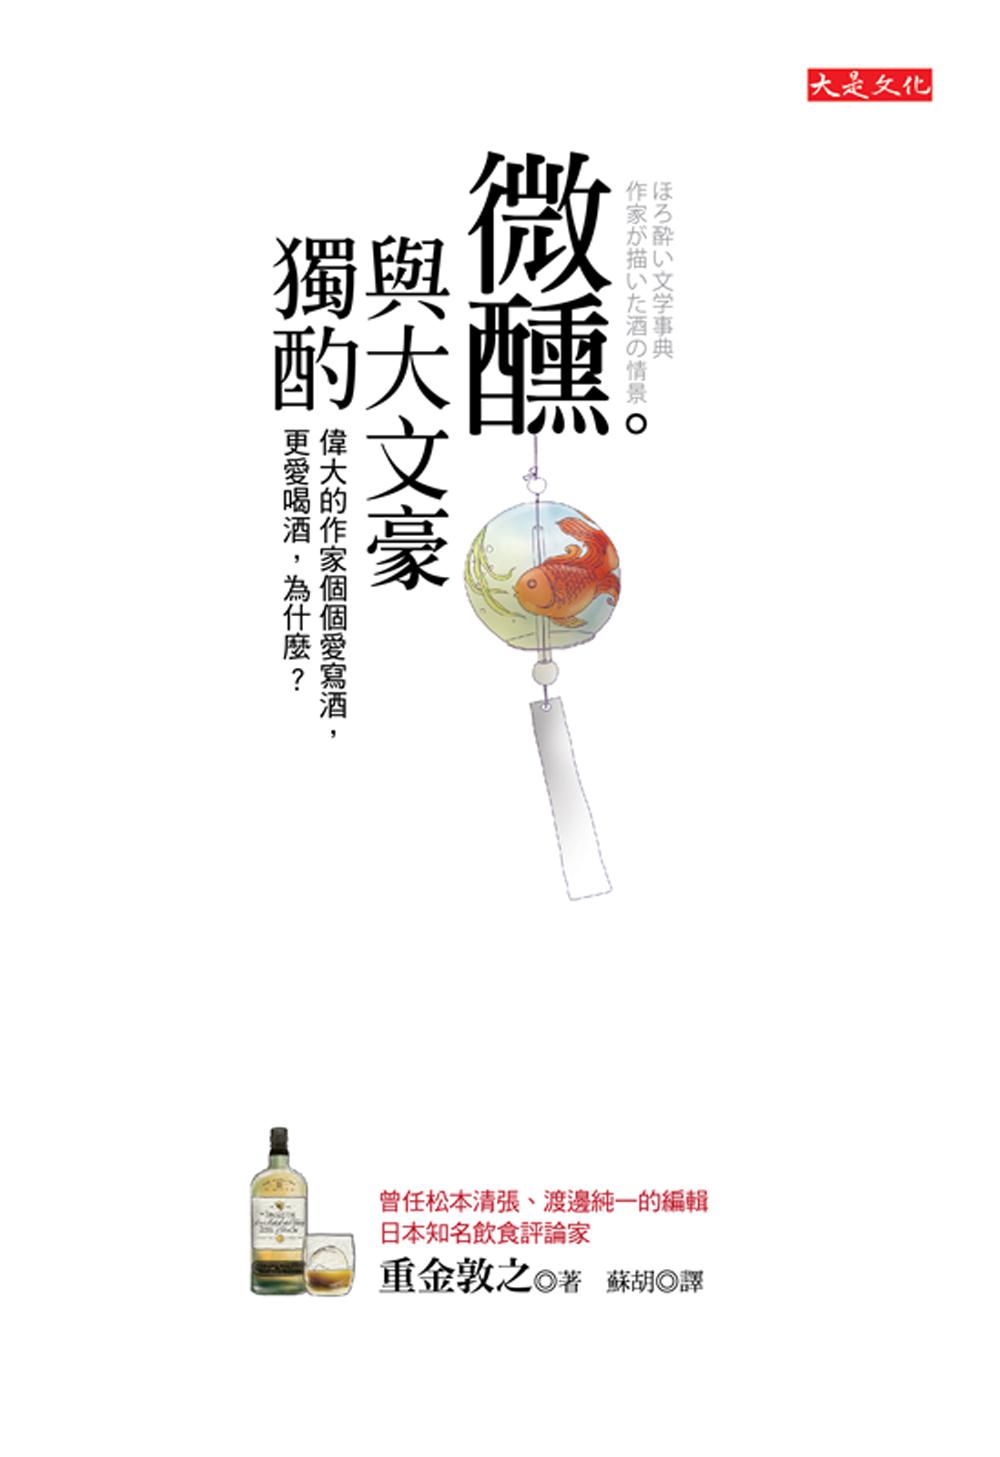 ◤博客來BOOKS◢ 暢銷書榜《推薦》微醺。與大文豪獨酌:偉大的作家個個愛寫酒,更愛喝酒,為什麼?